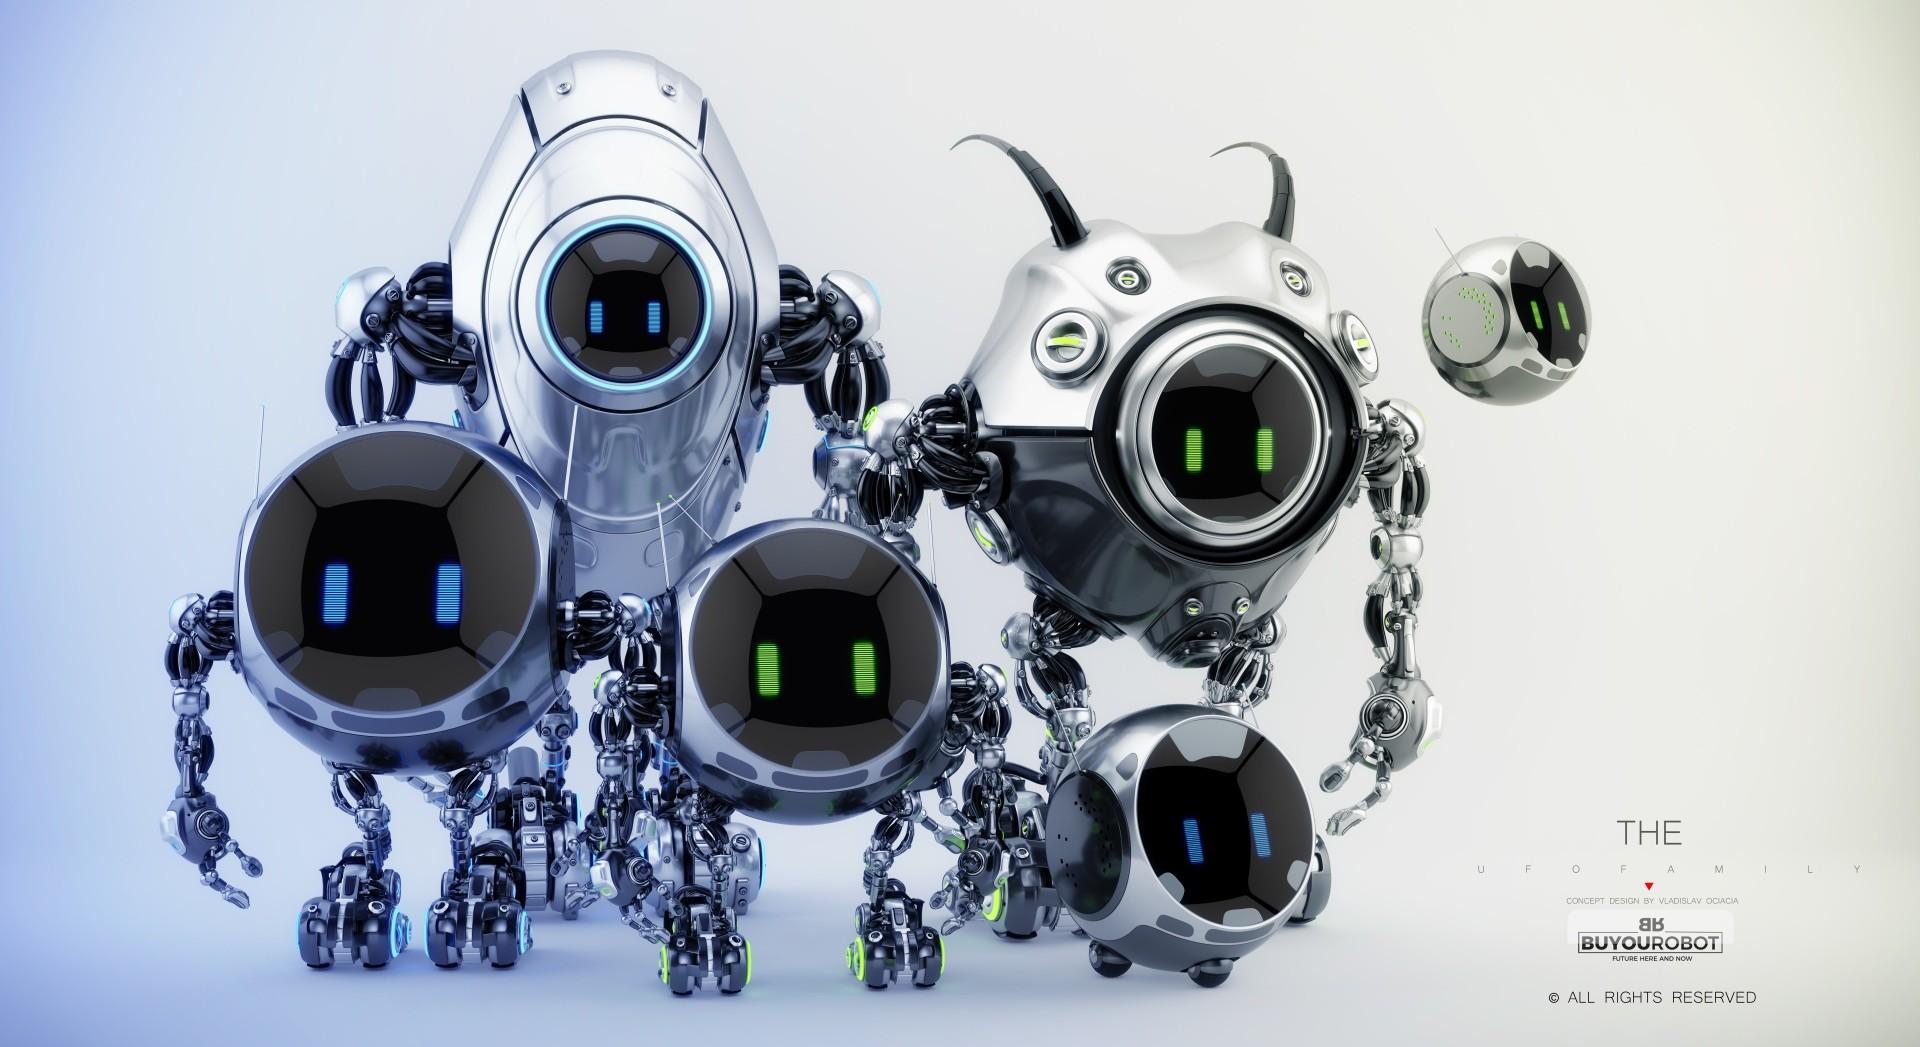 Vladislav ociacia beetle robot family buyourobot 1